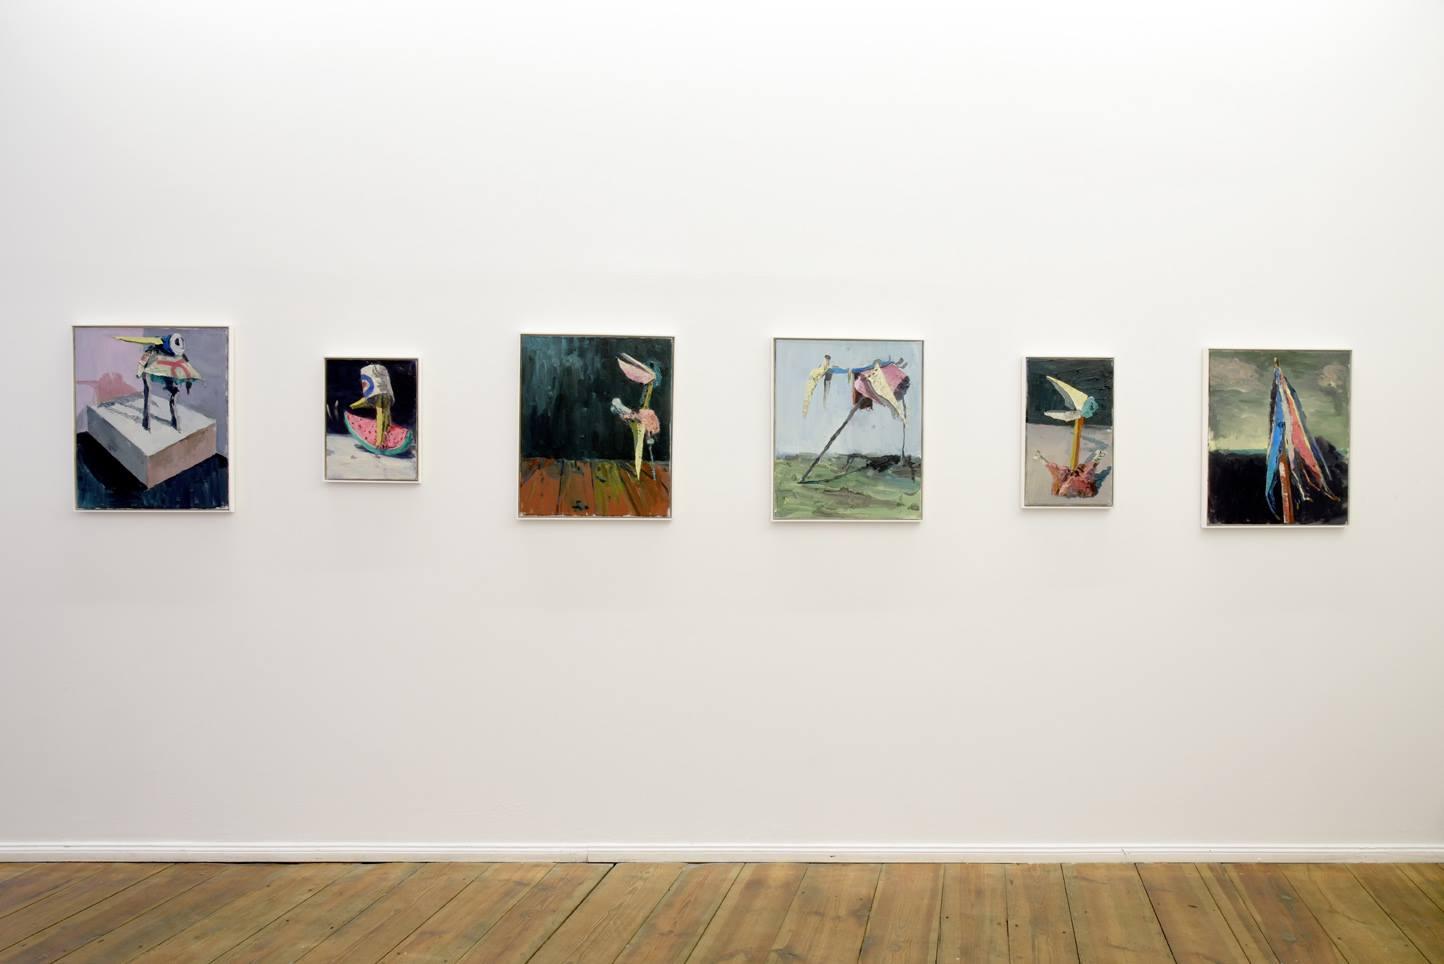 Fritz Bornstück, Vogelhaus Jazz III, 2016, installation view at Grimmuseum (2)